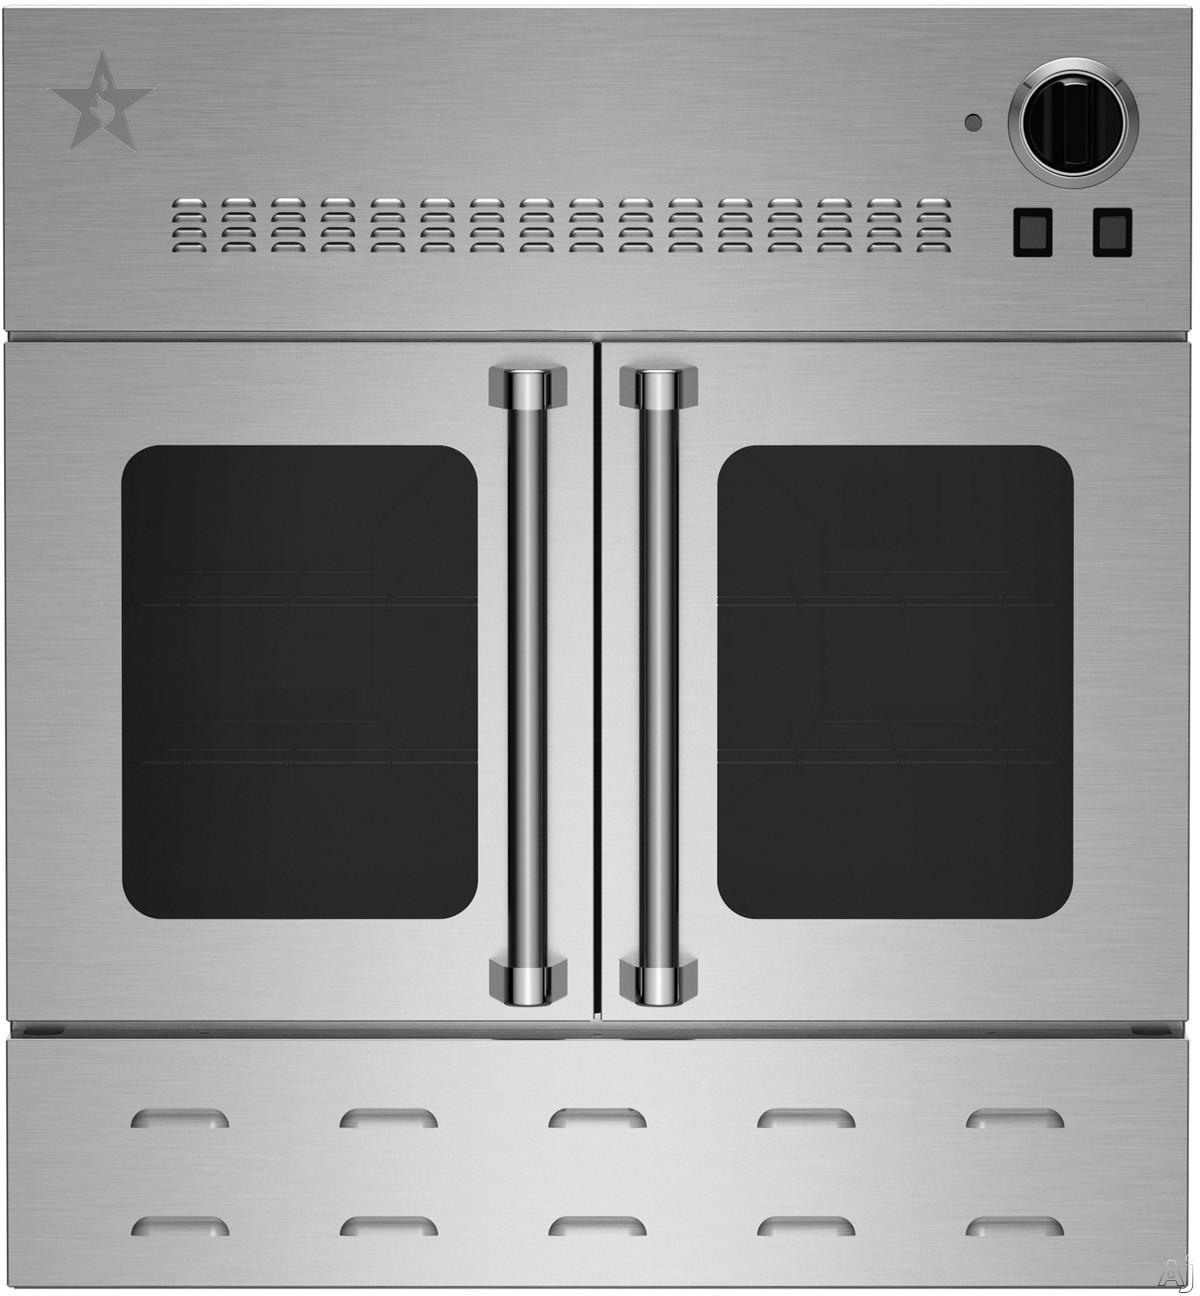 30 Gas Wall Oven Usa